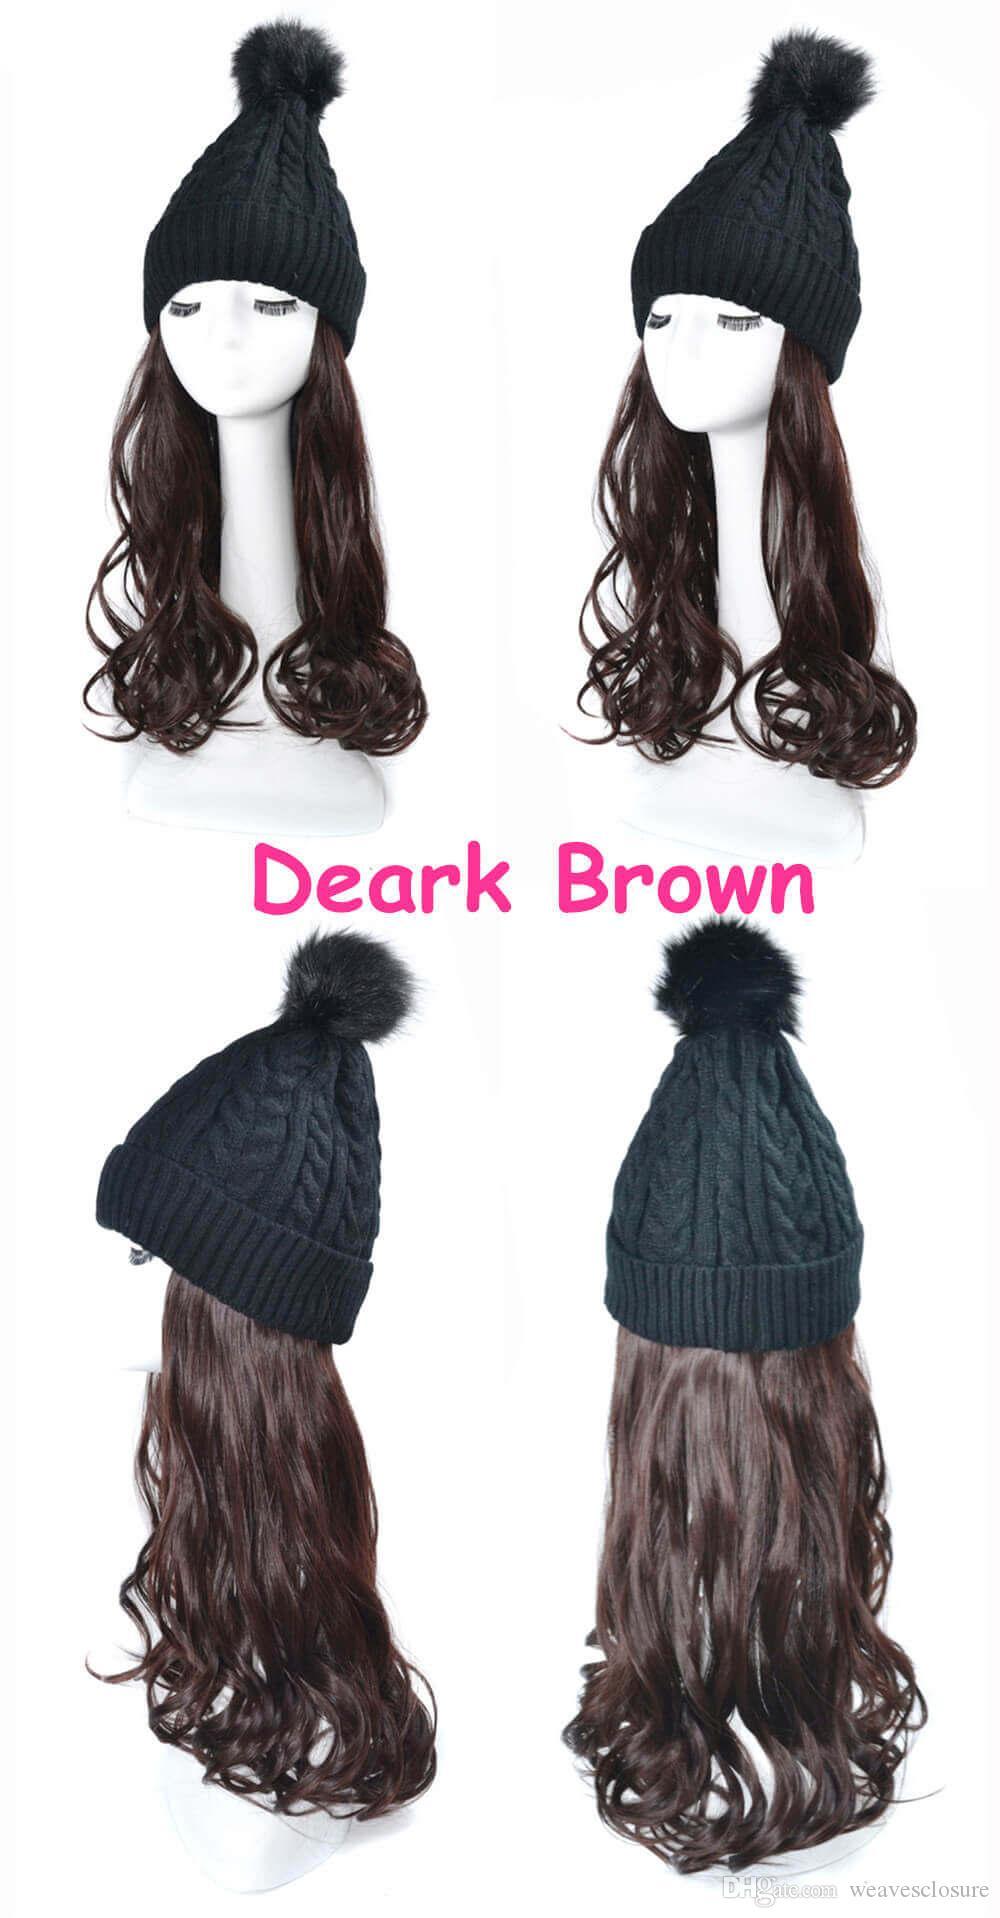 sombrero de punto de lana sombrero tejido de lana sombreros de pelo sintético capó de diseñador caliente sintética de pelo largo peluca de pelo del sombrero Mujeres New